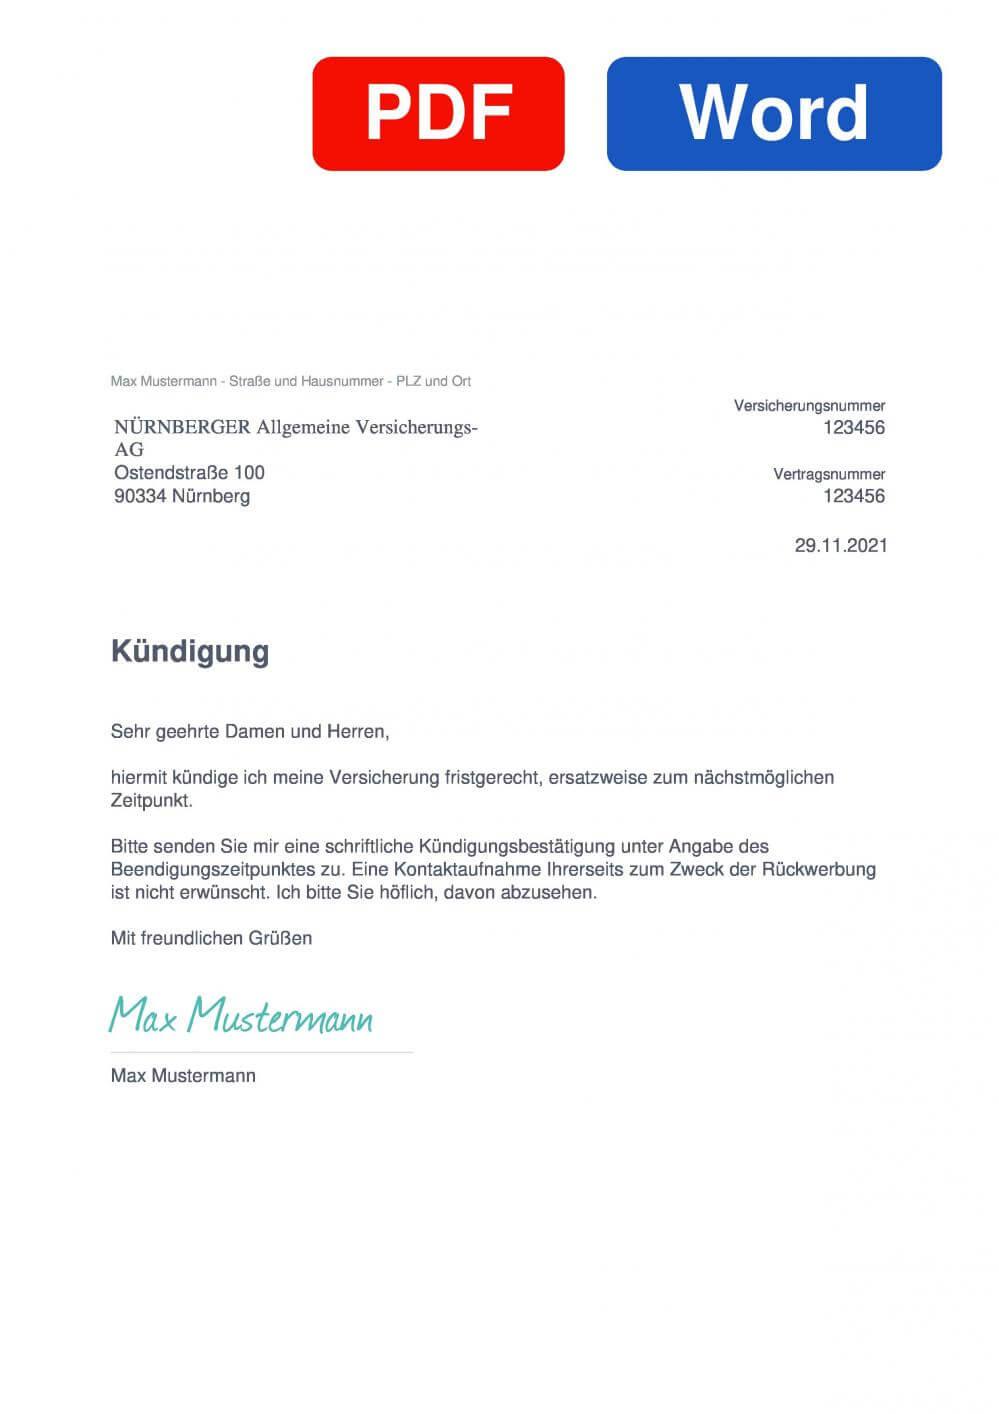 NÜRNBERGER Unfallversicherung Muster Vorlage für Kündigungsschreiben